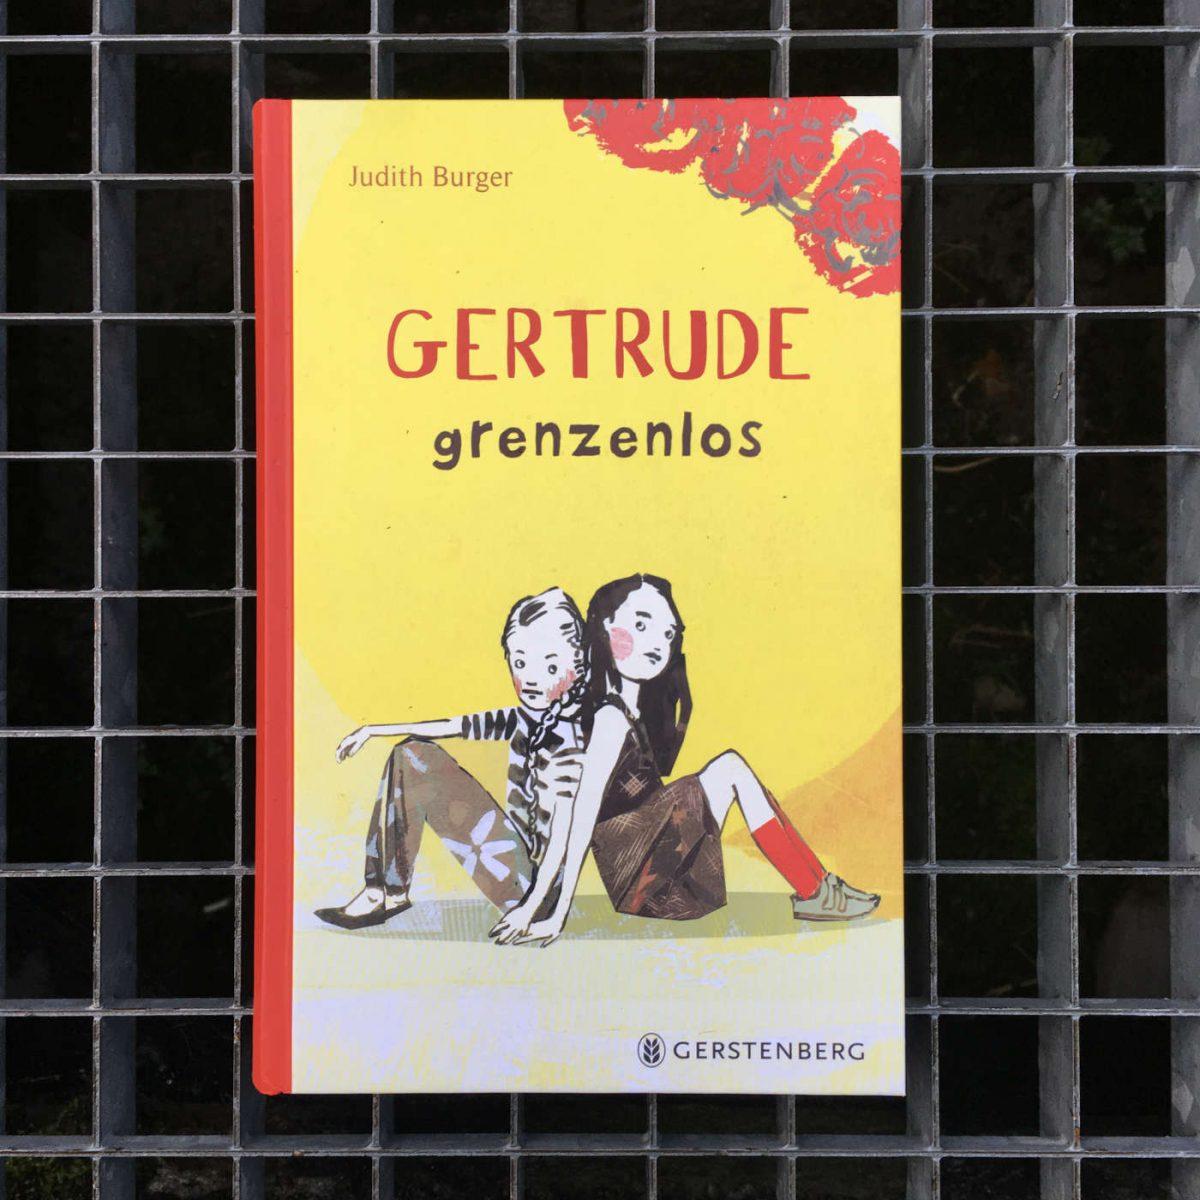 Spannender DDR-Jugendroman: Gertrude grenzenlos